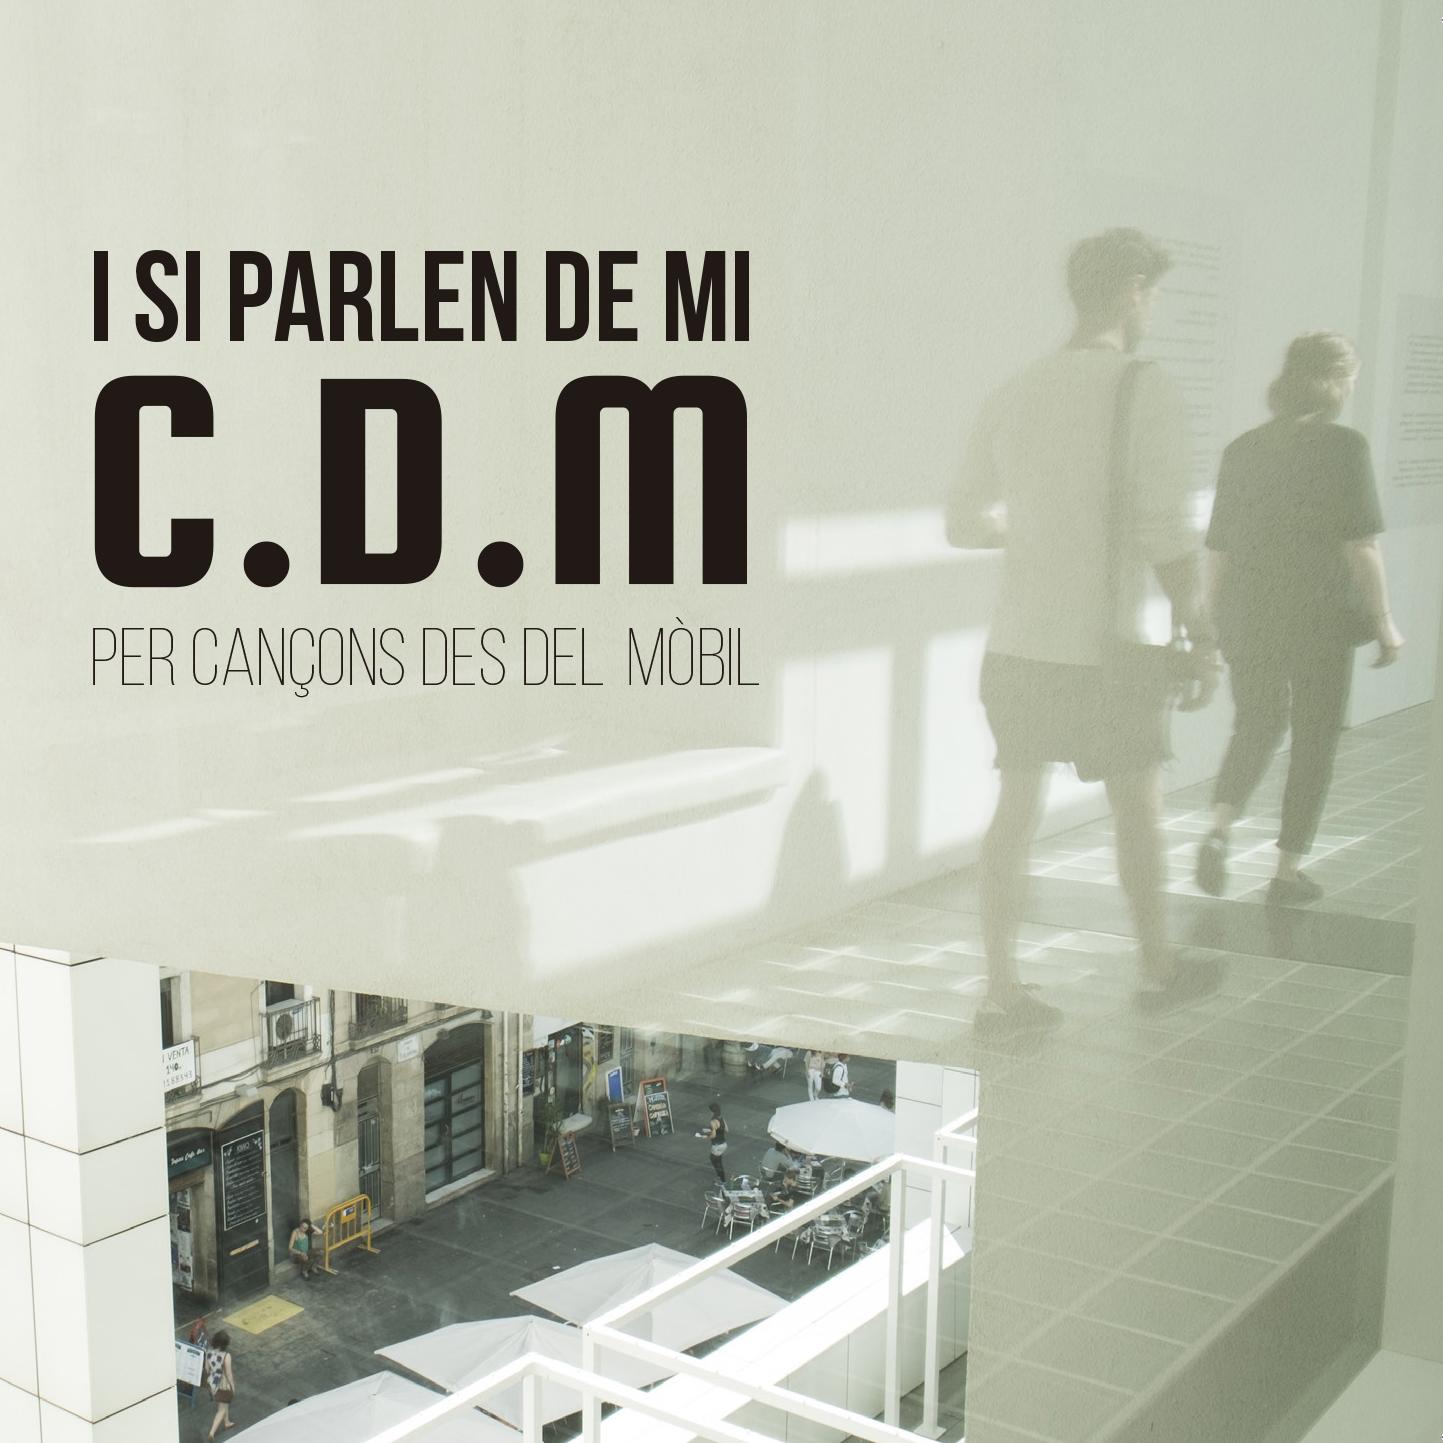 C.D.M - Em dic Jordi Zacarés Caparrós, nascut a Barcelona al 1971. Mestre d'educació musical.Des de sempre he tingut la música com a fil conductor de la meva vida, participant en diferents projectes musicals amb bandes quasi sempre relacionades amb el rock simfònic o alternatiu. Tot seguit us relaciono els projectes que han acabat amb el registre d'un cd.